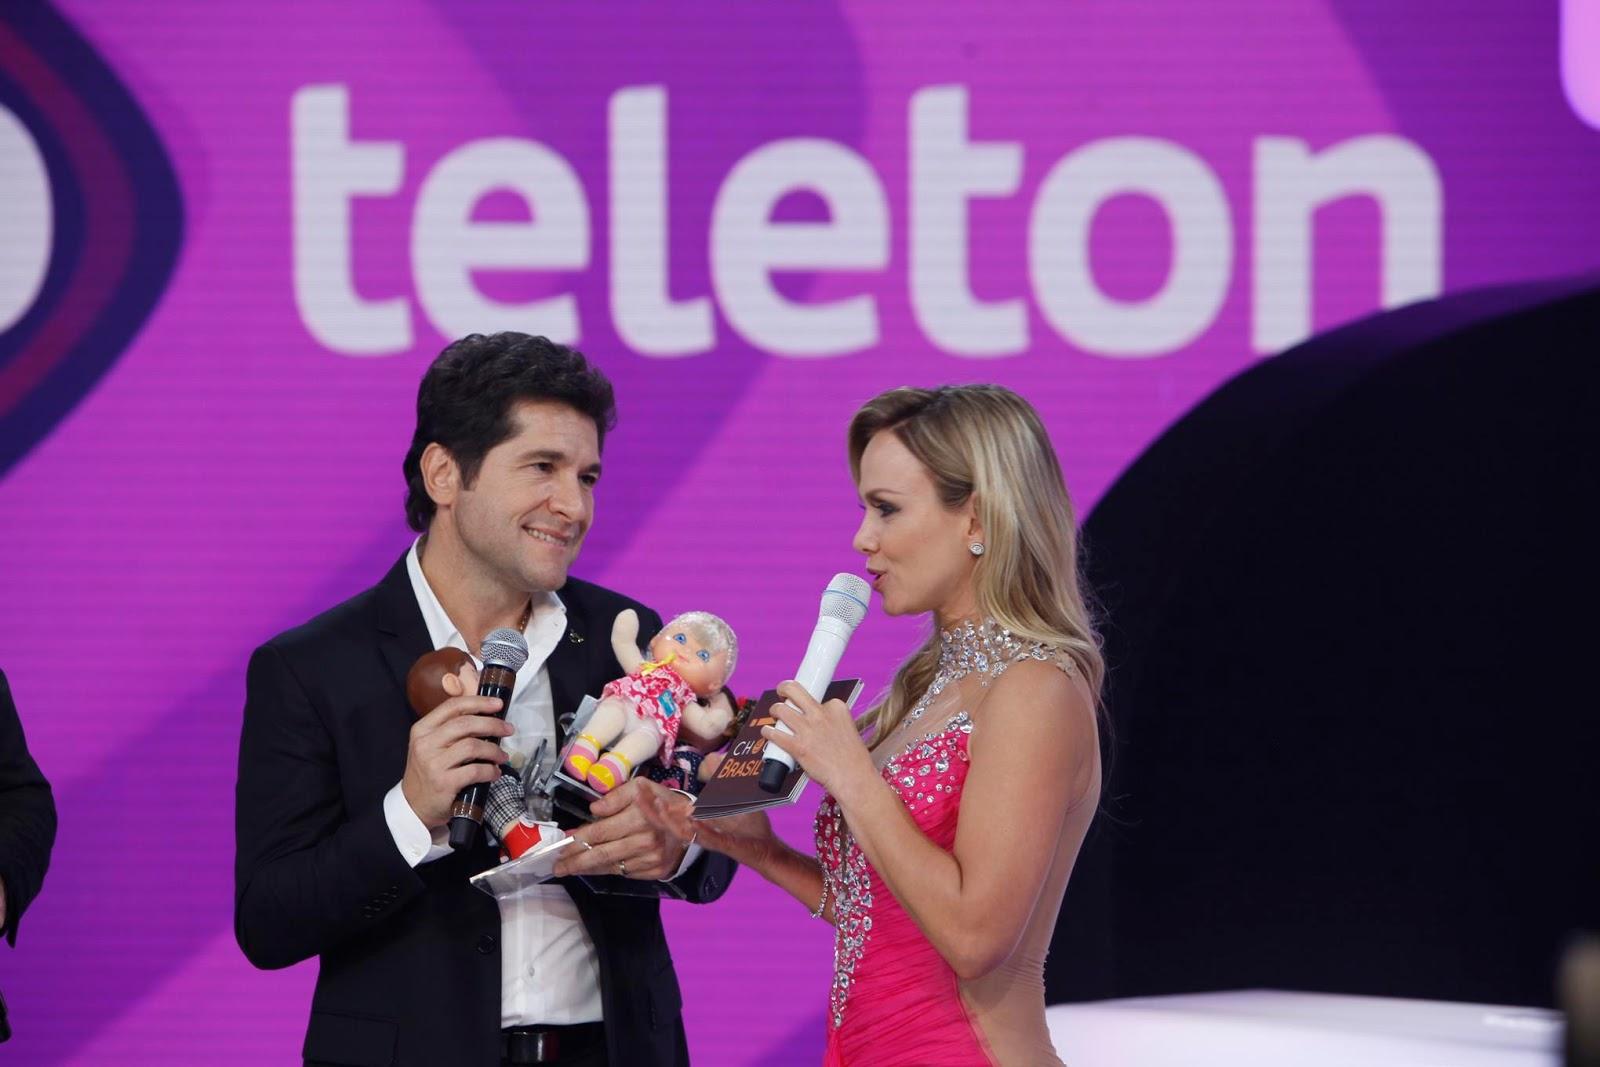 Daniel e Eliana no Teleton 2014 (Crédito: Lourival Ribeiro/SBT)